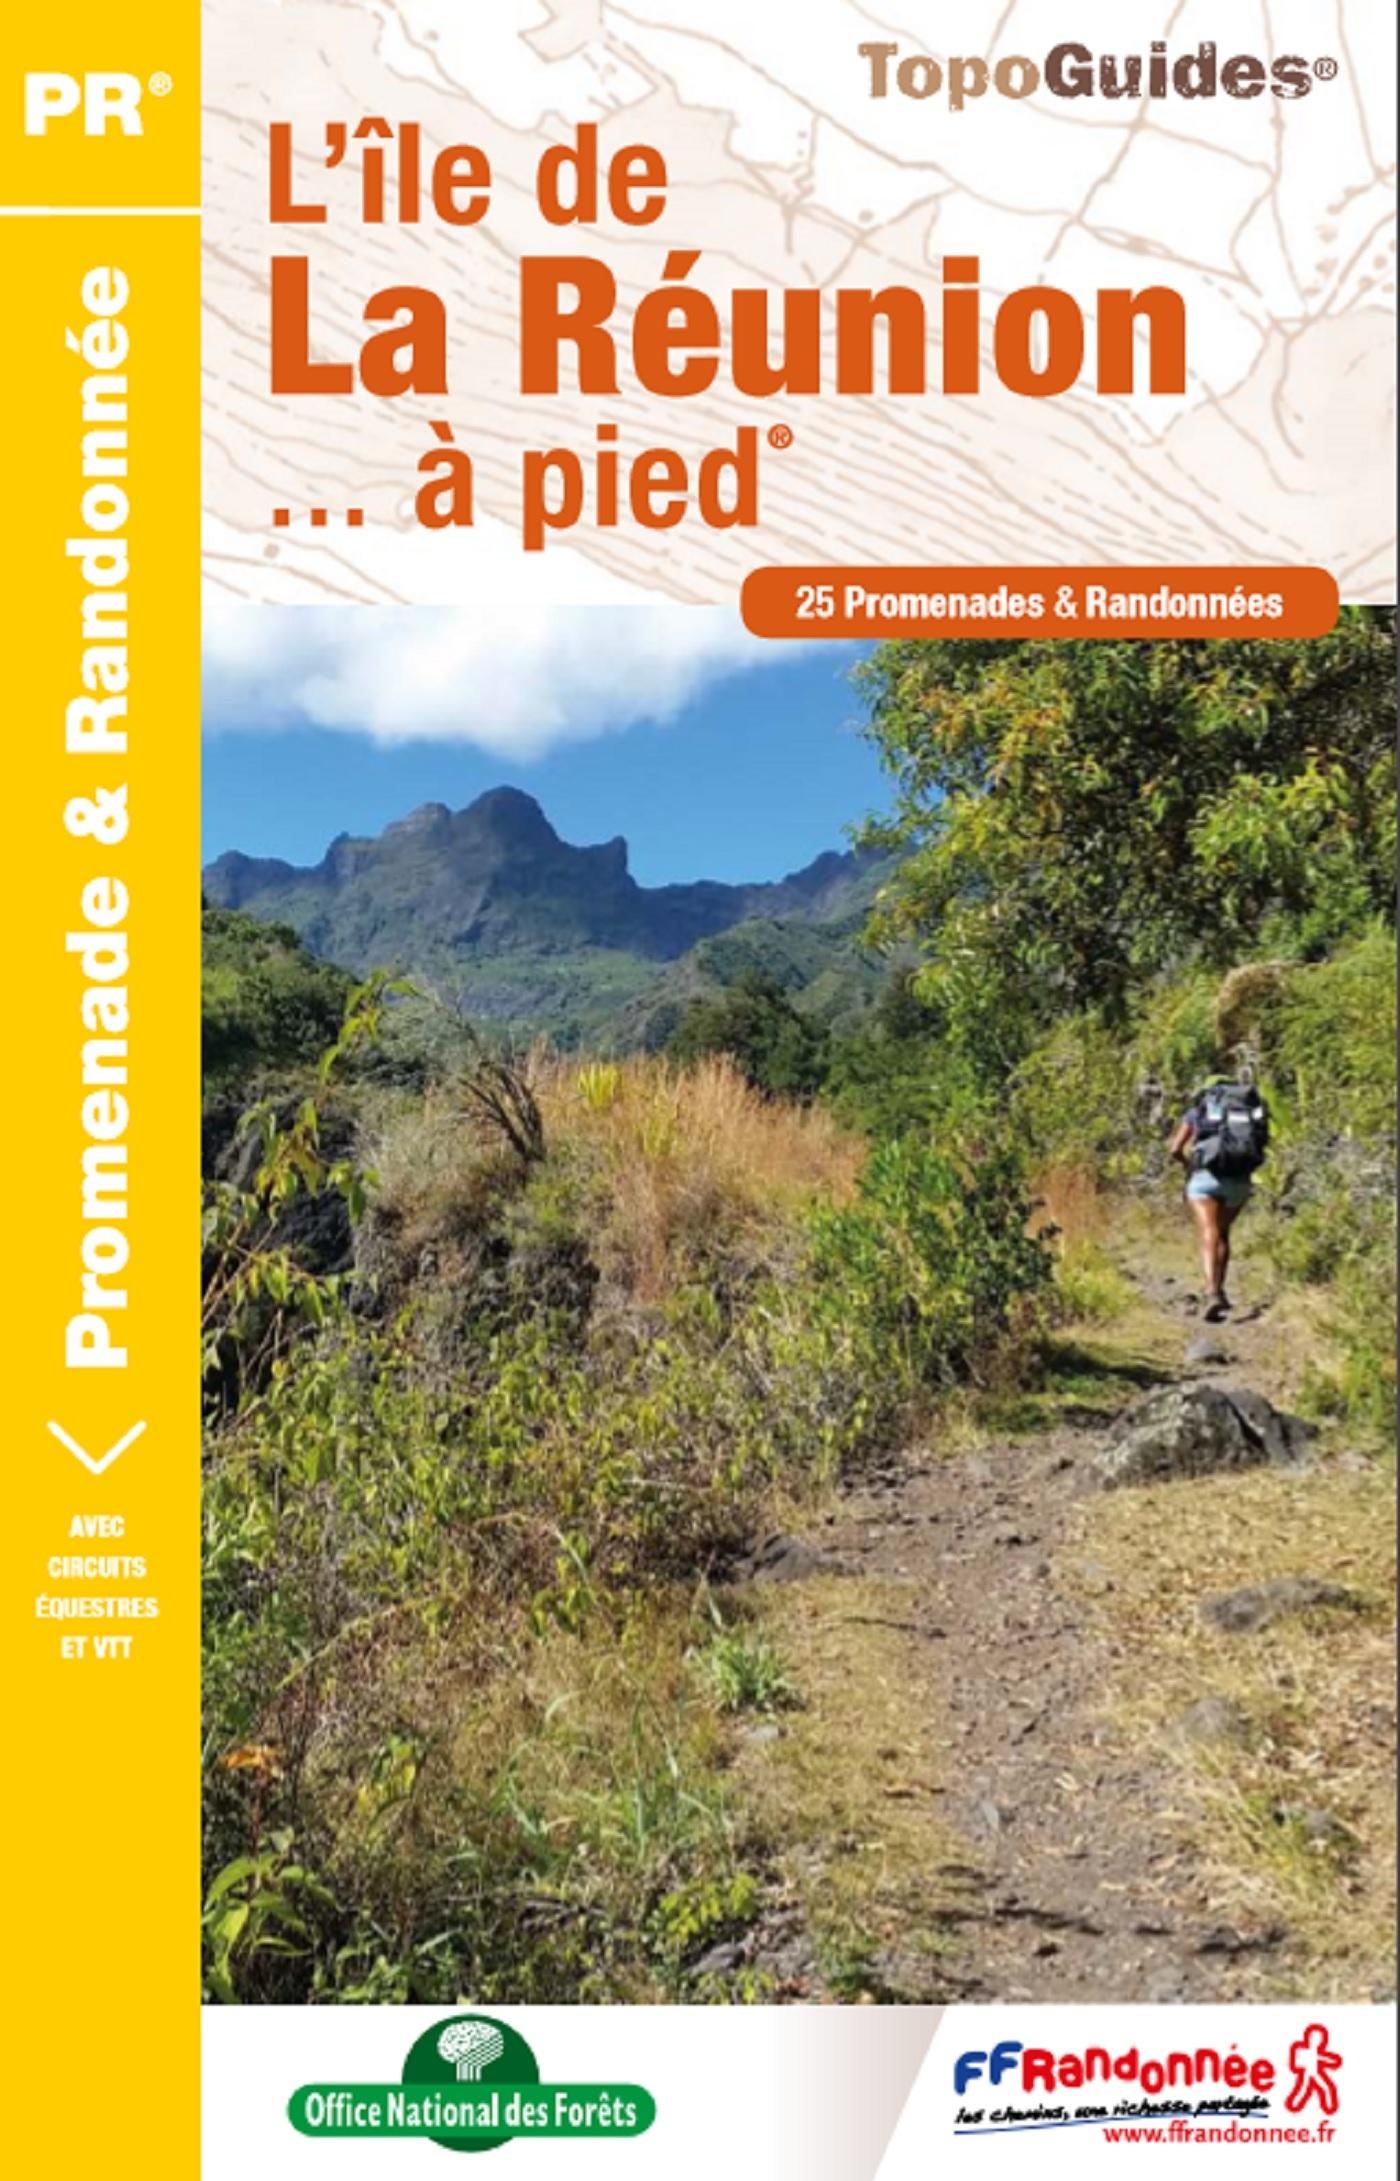 L'ILE DE LA REUNION A PIED - P974